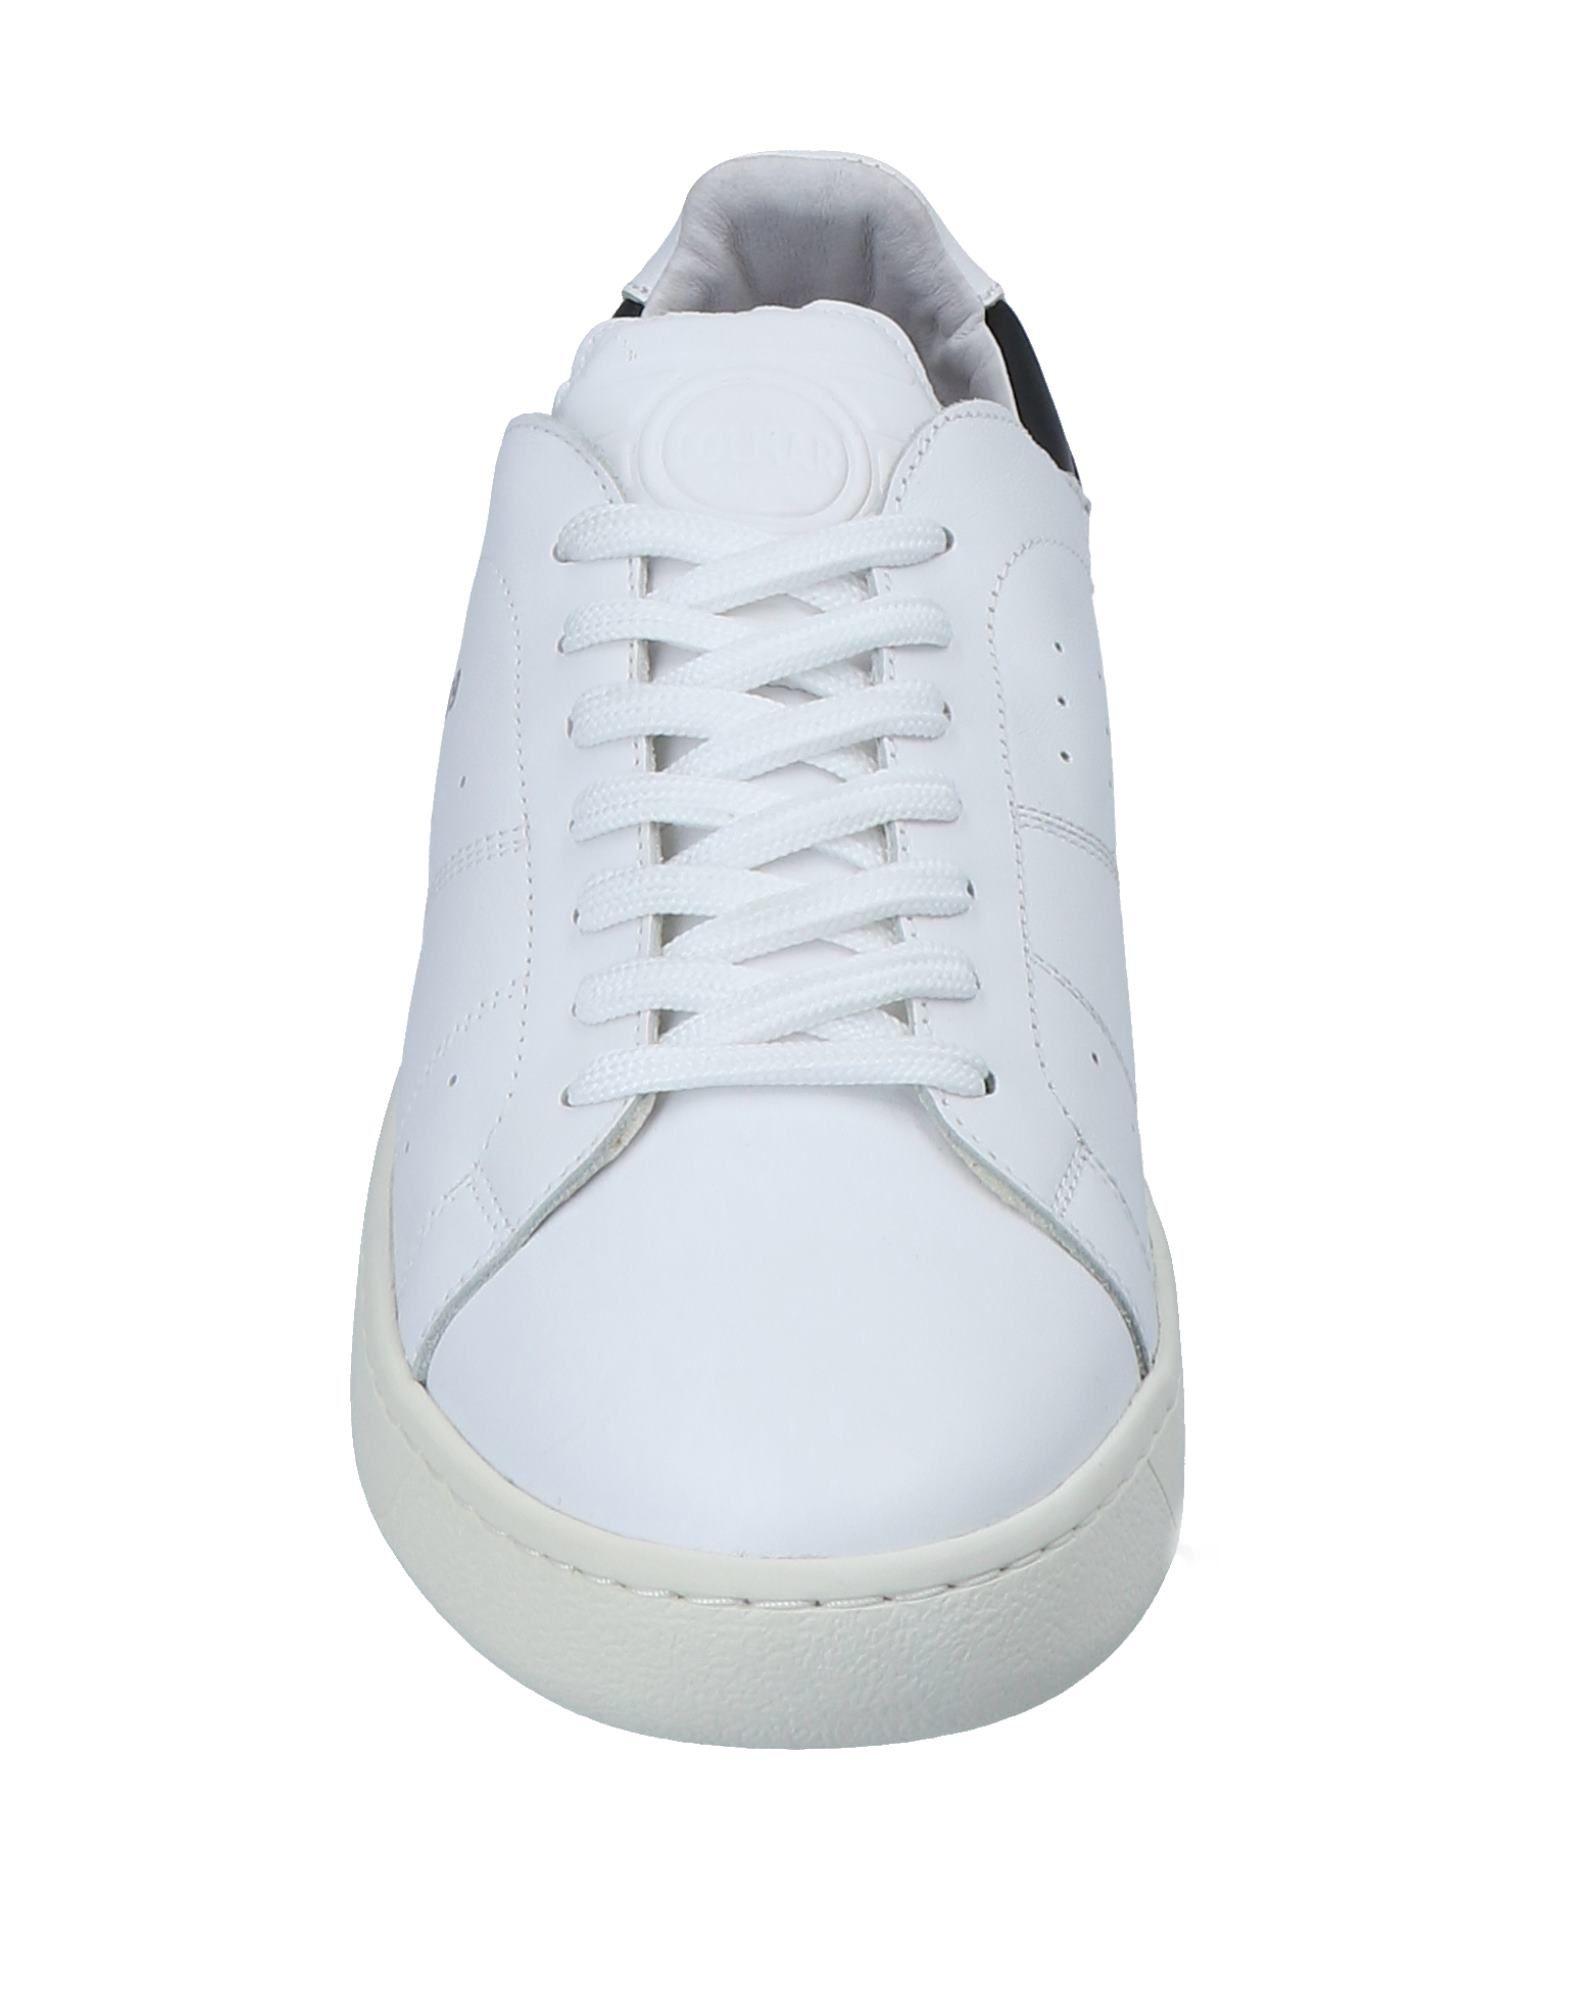 Rabatt echte Schuhe 11552933KS Colmar Turnschuhes Herren 11552933KS Schuhe 31bda0